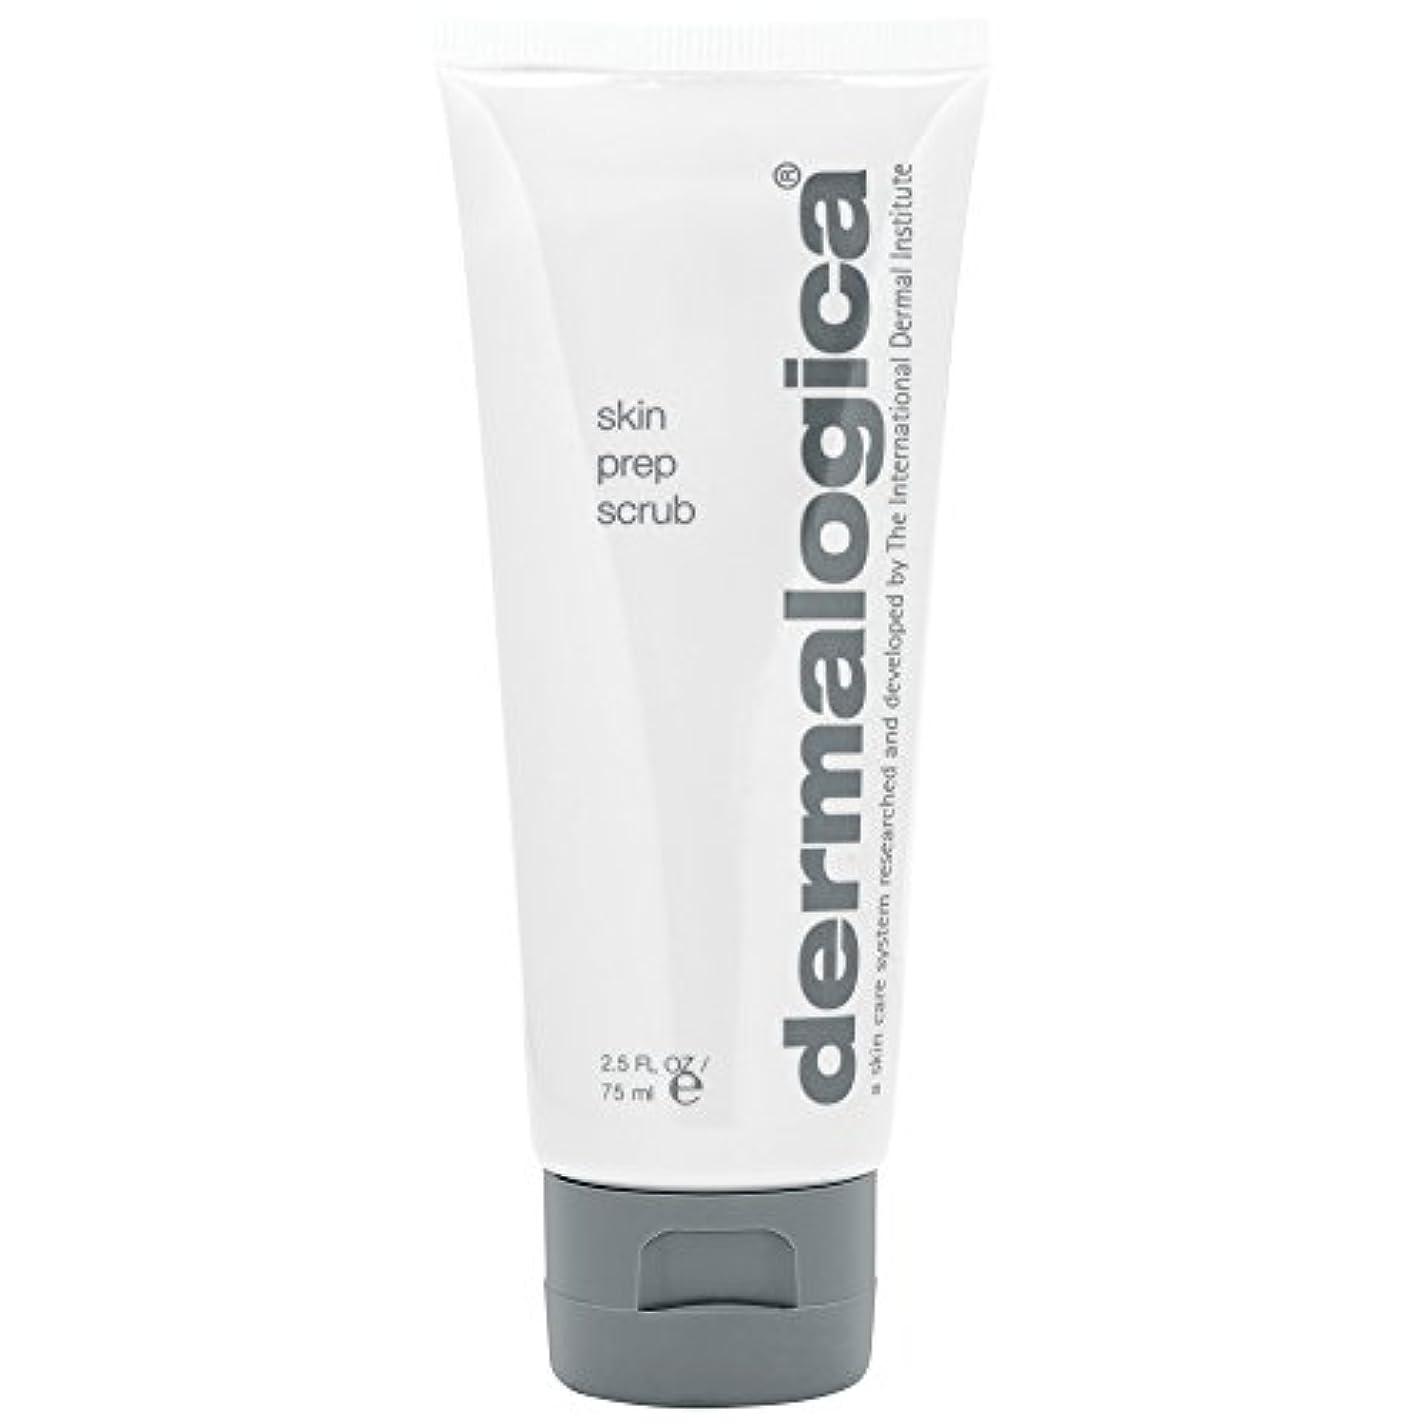 損失いいね延期するダーマロジカスキンプレップスクラブ75ミリリットル (Dermalogica) (x2) - Dermalogica Skin Prep Scrub 75ml (Pack of 2) [並行輸入品]